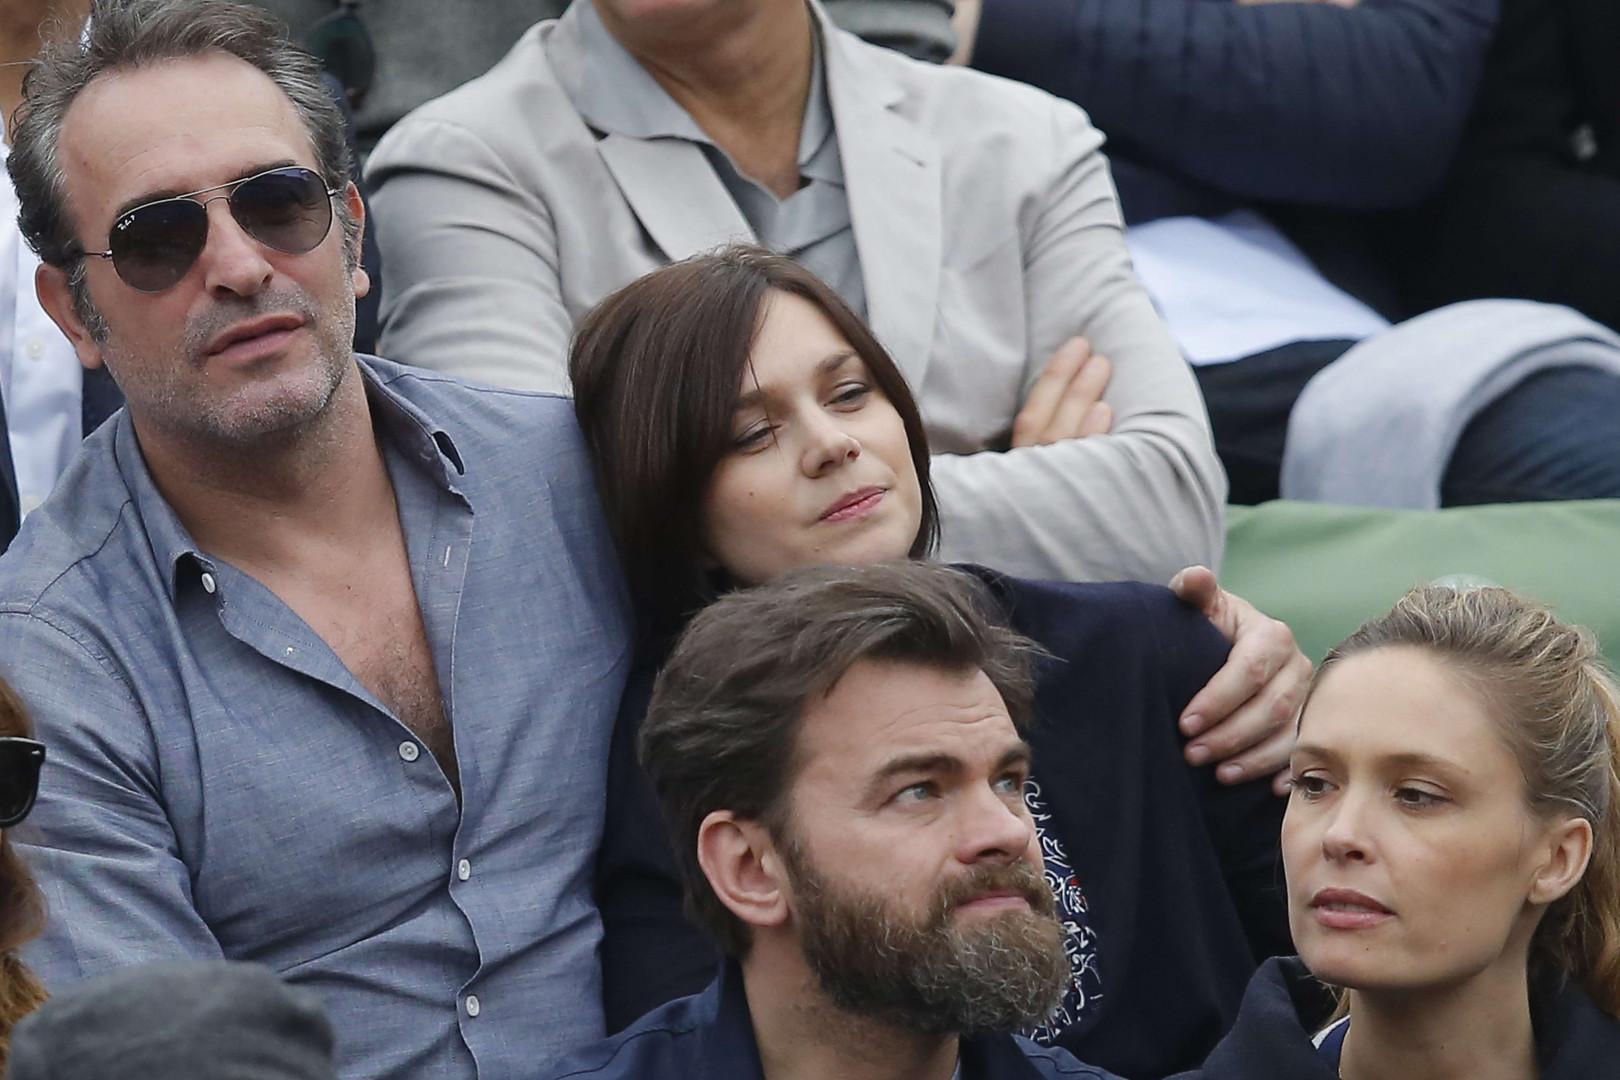 Jean Dujardin et sa compagne, l'ancienne patineuse Nathalie Pechalat, étaient au côté de Clovis Cornillac pour assister à la finale Djokovic-Murray le 5 juin.